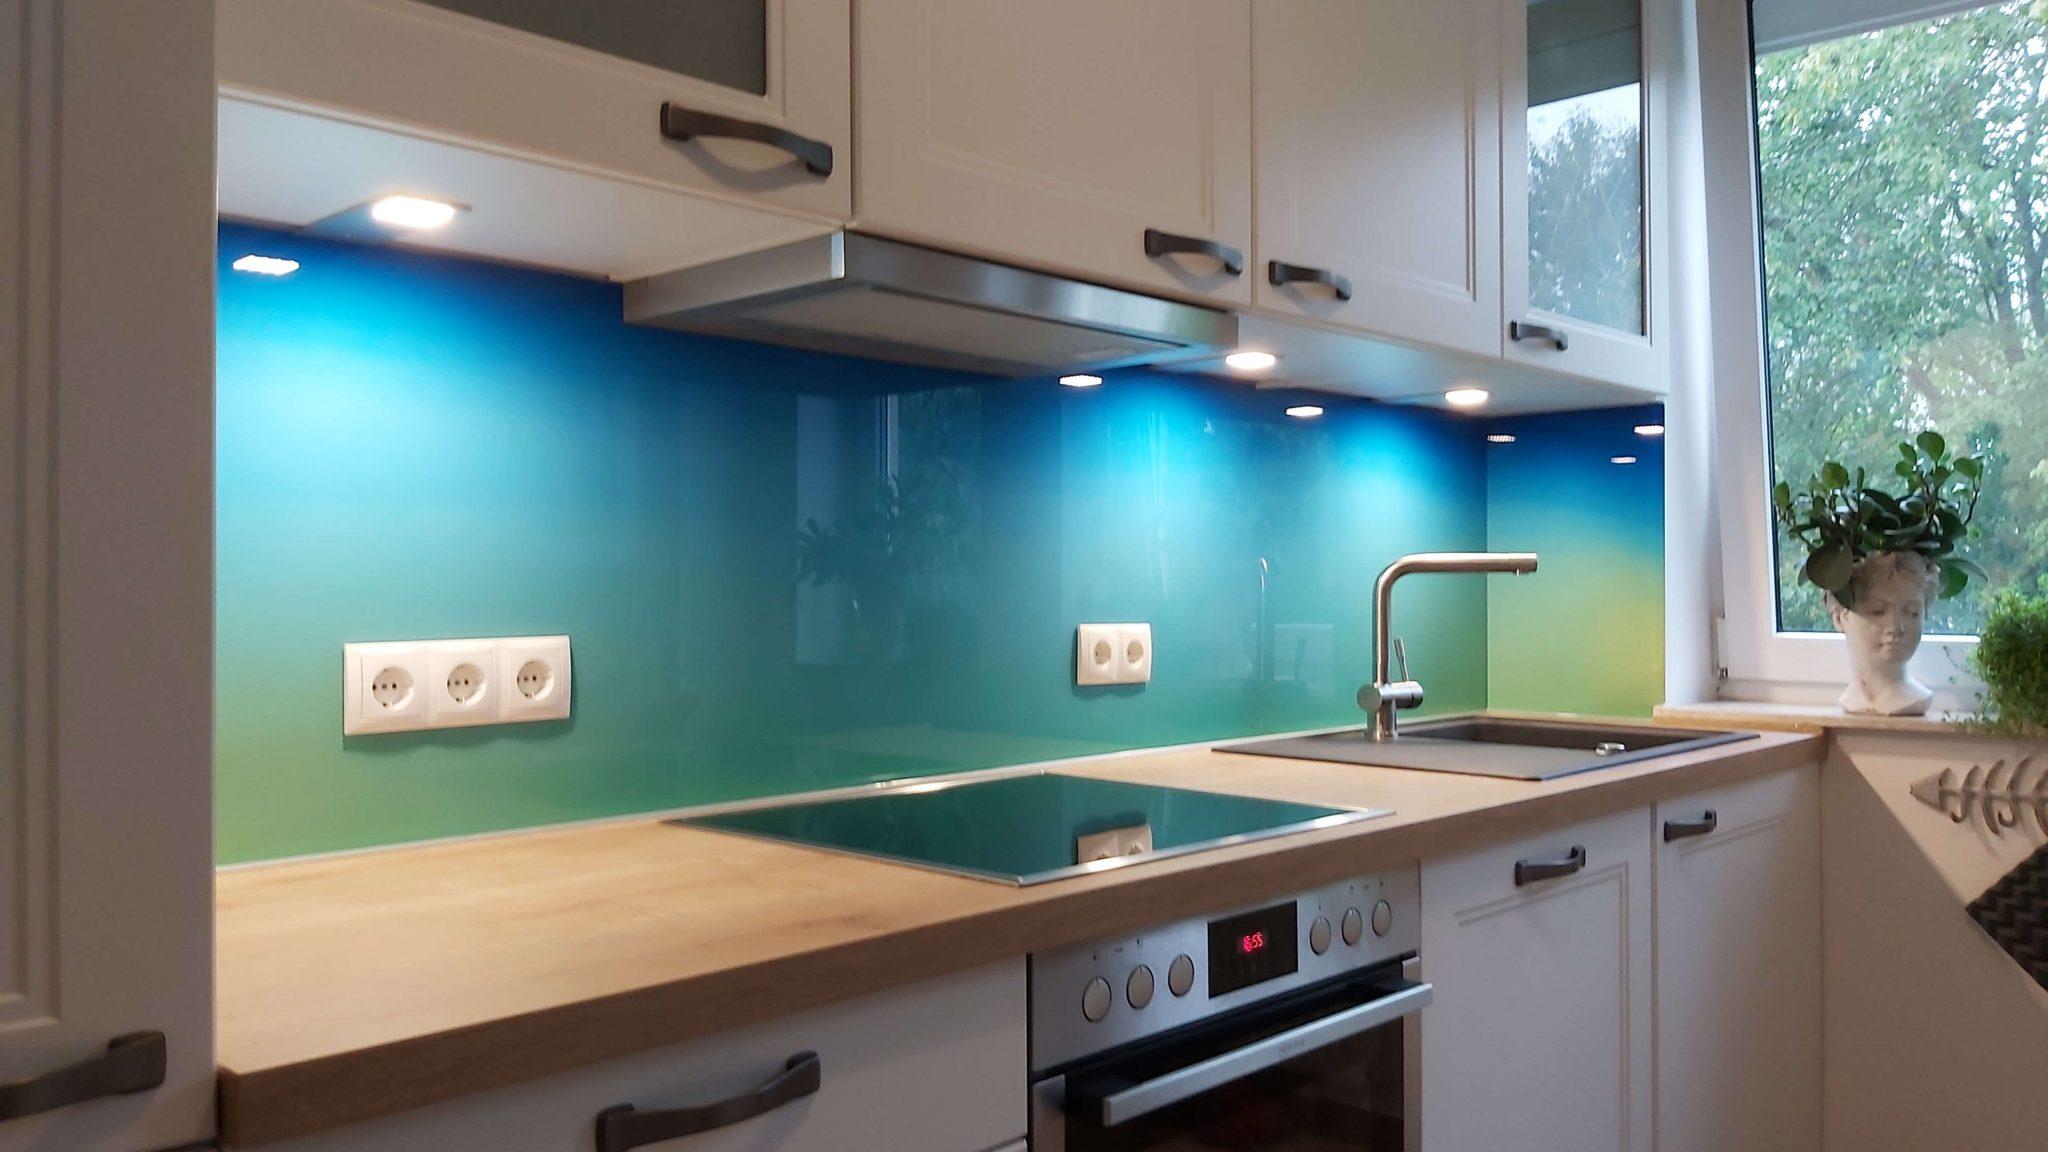 Küchenrückwand Design ganze Ansicht